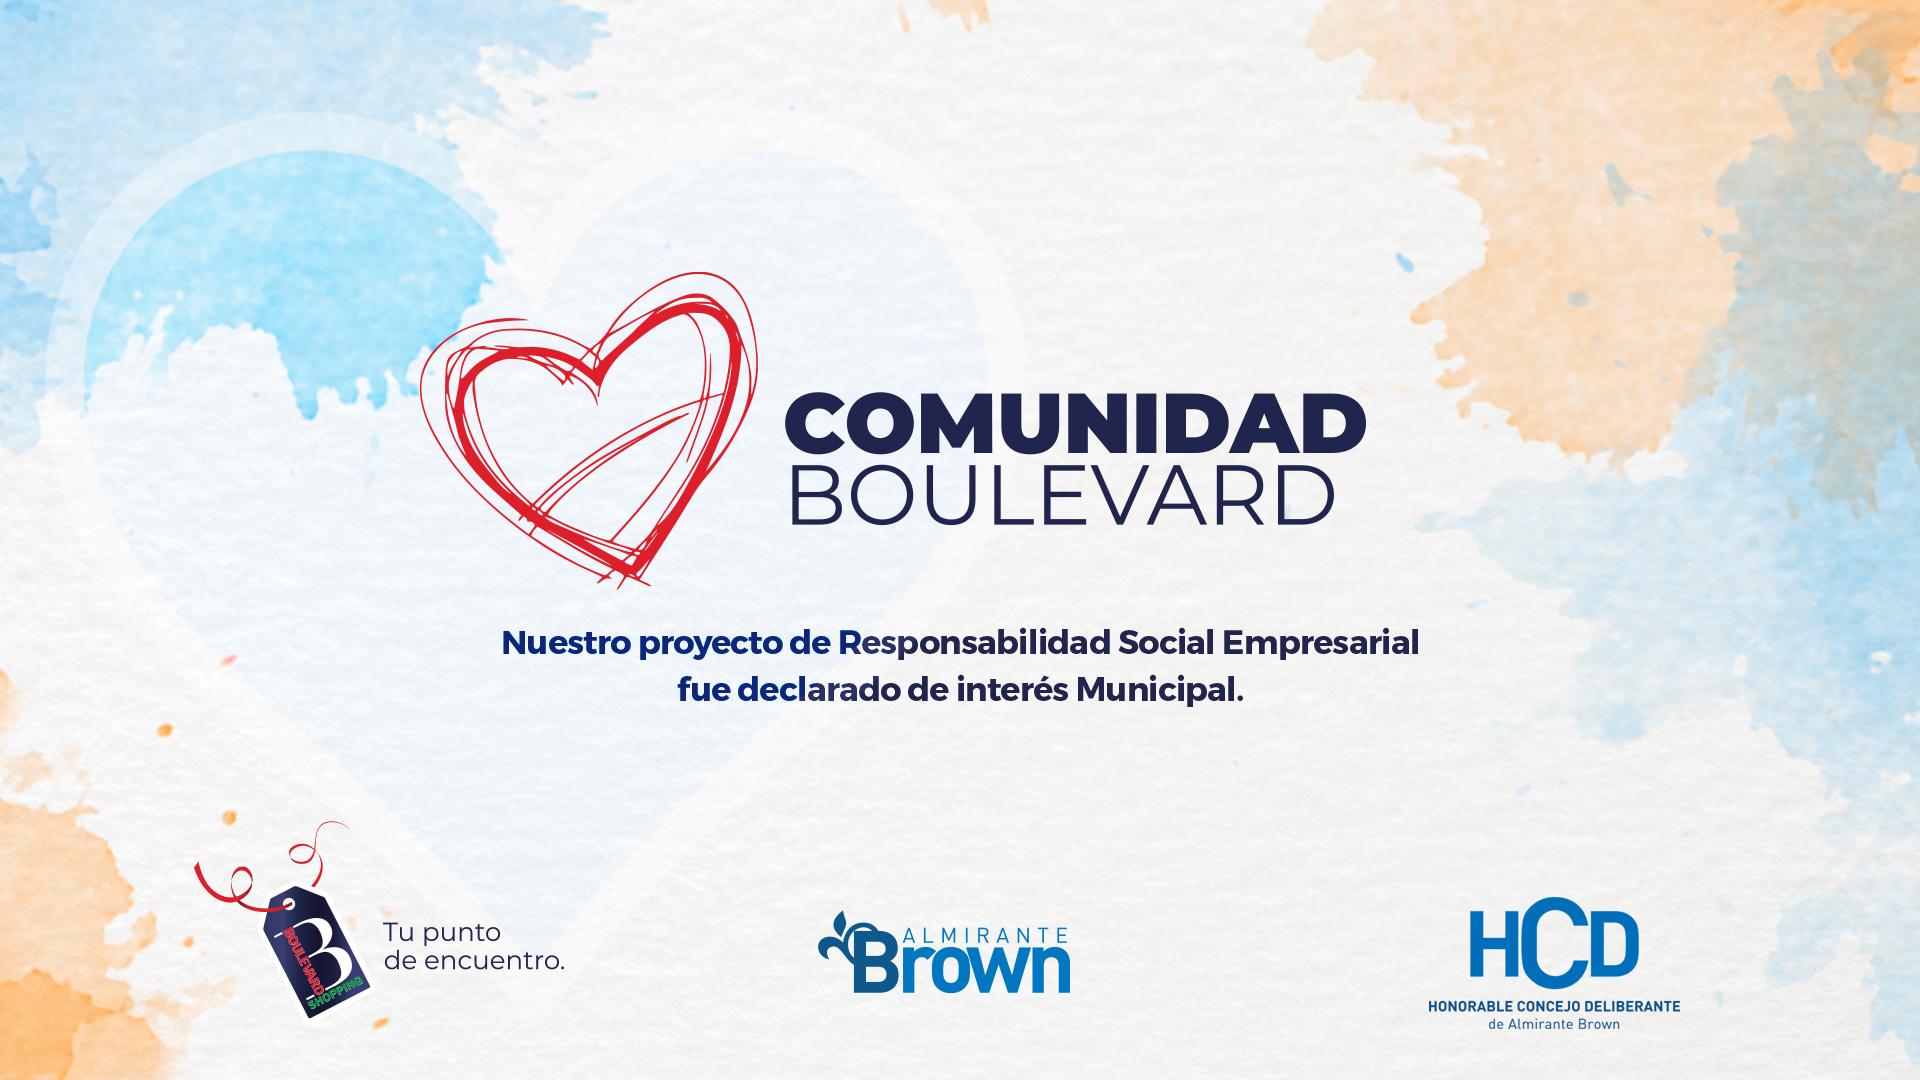 Comunidad Boulevard